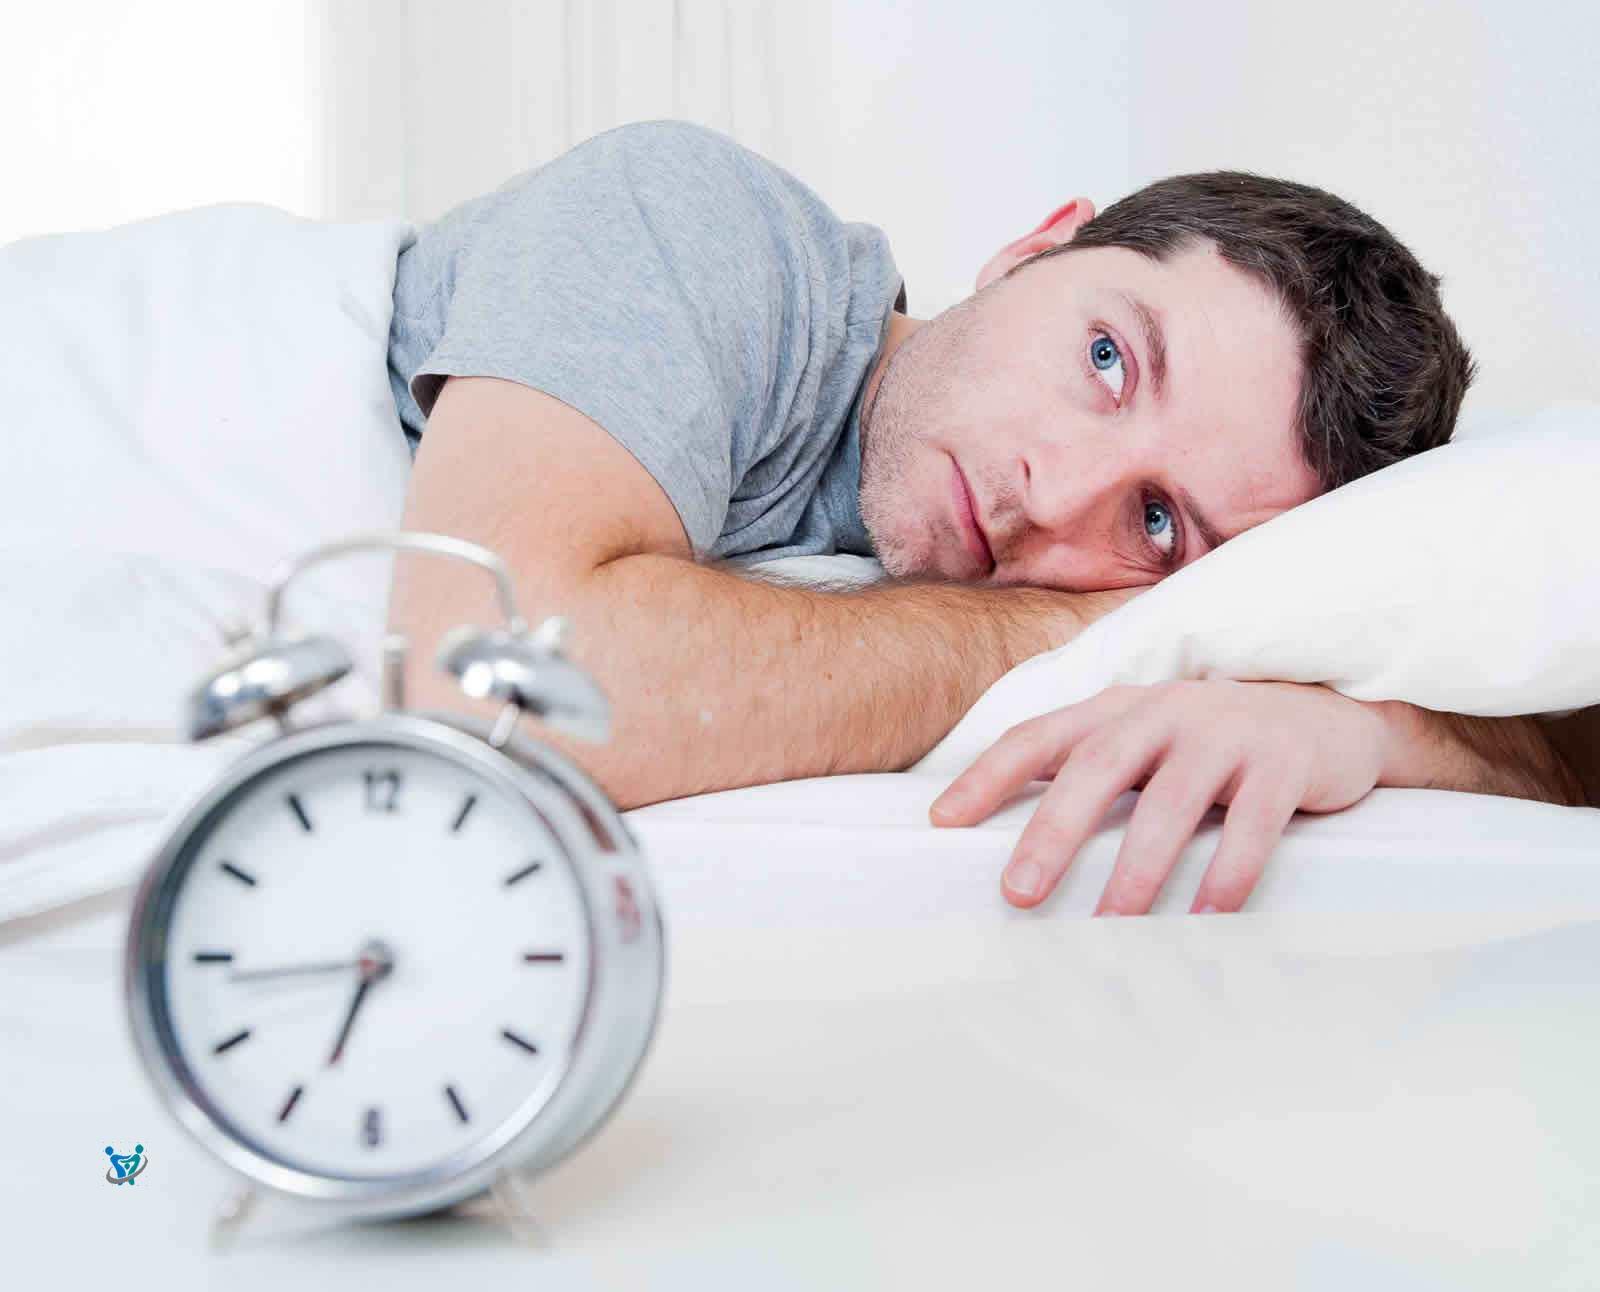 7 خطوات بسيطة تساعد على النوم بعد الاستيقاظ المفاجئ